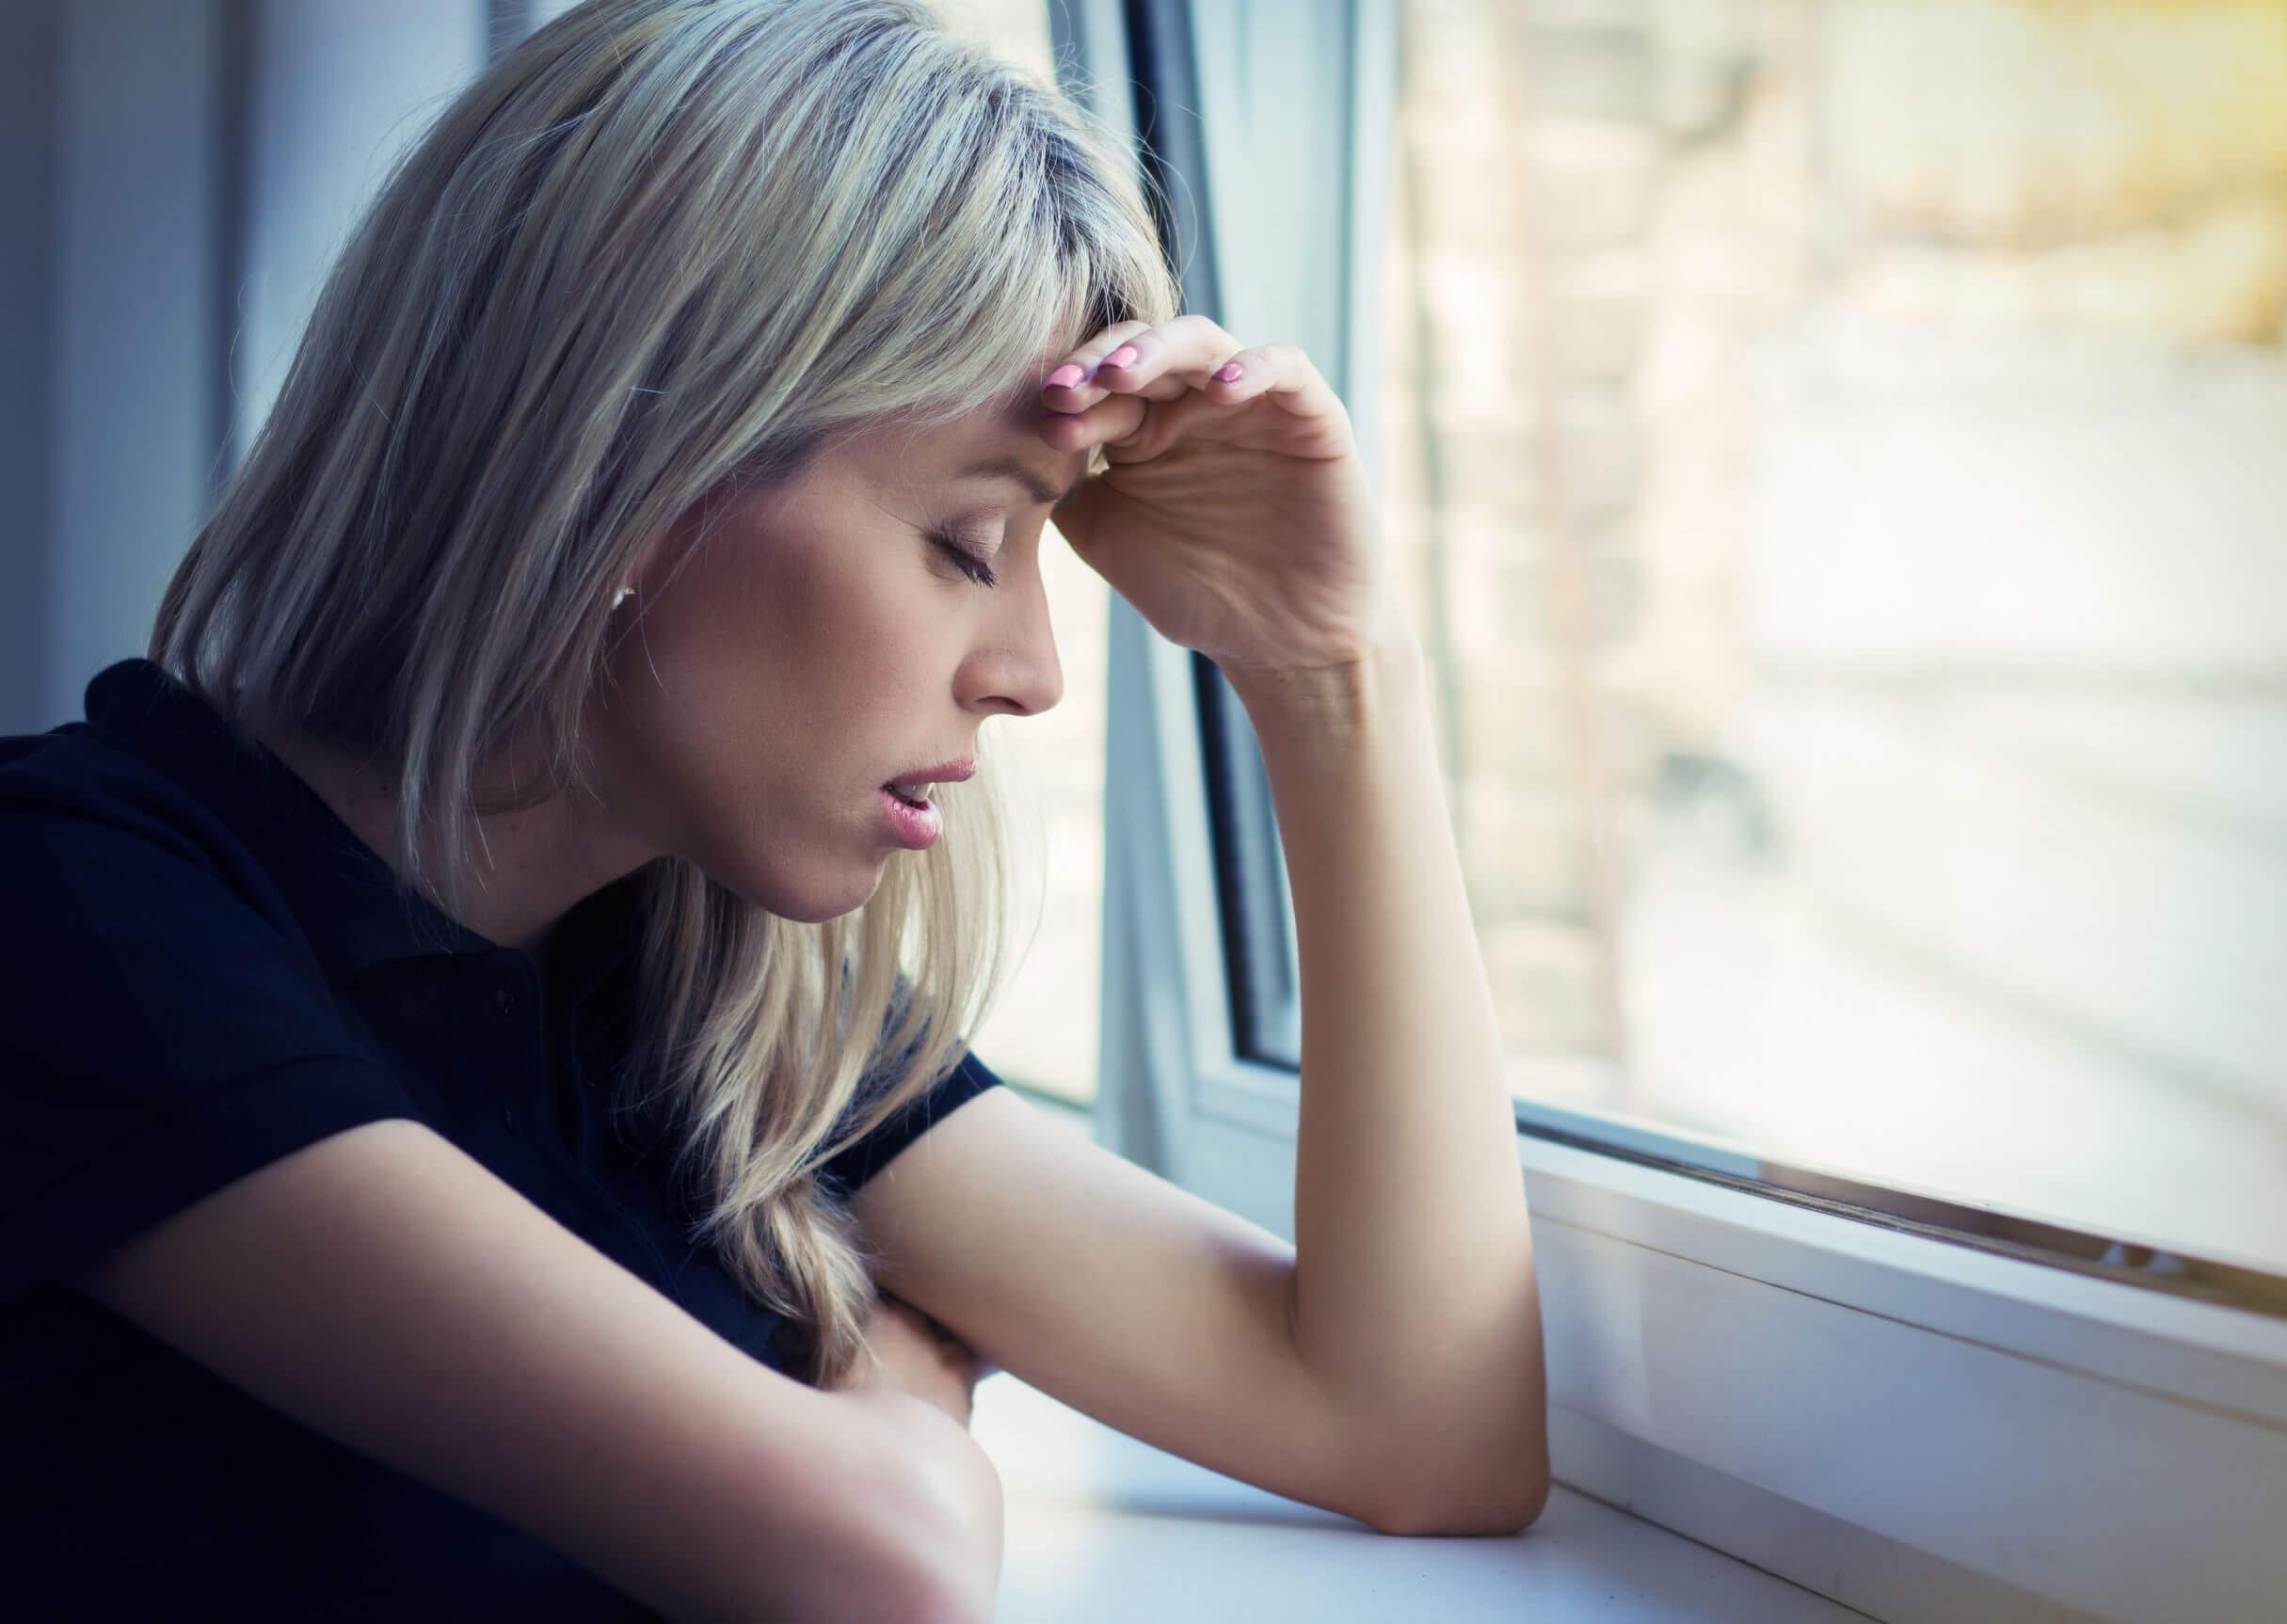 Al alejarnos de aquello que nos hace daño nos sentimos mejor.